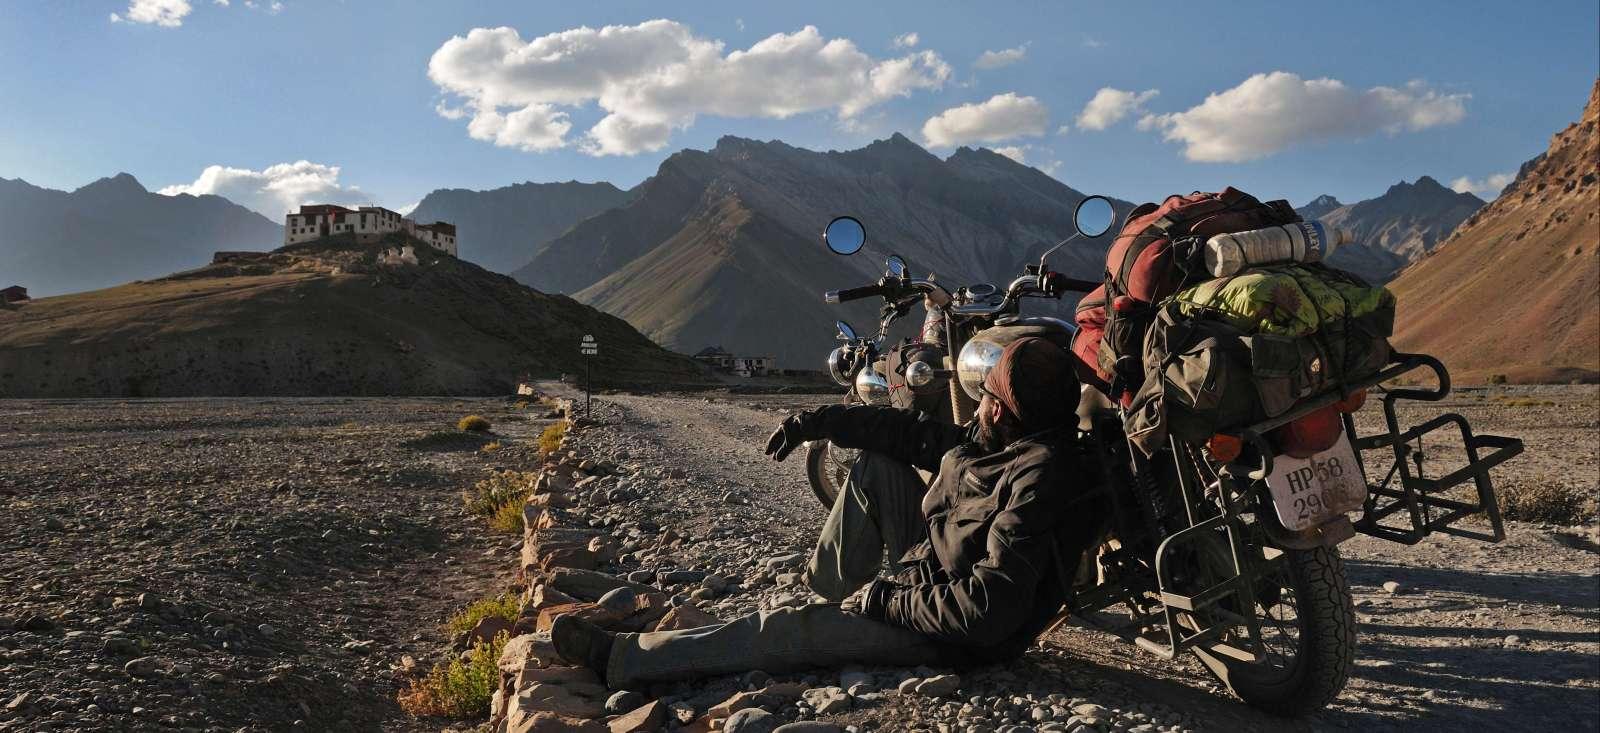 Voyage en véhicule : La Transhimalayenne en moto Enfield